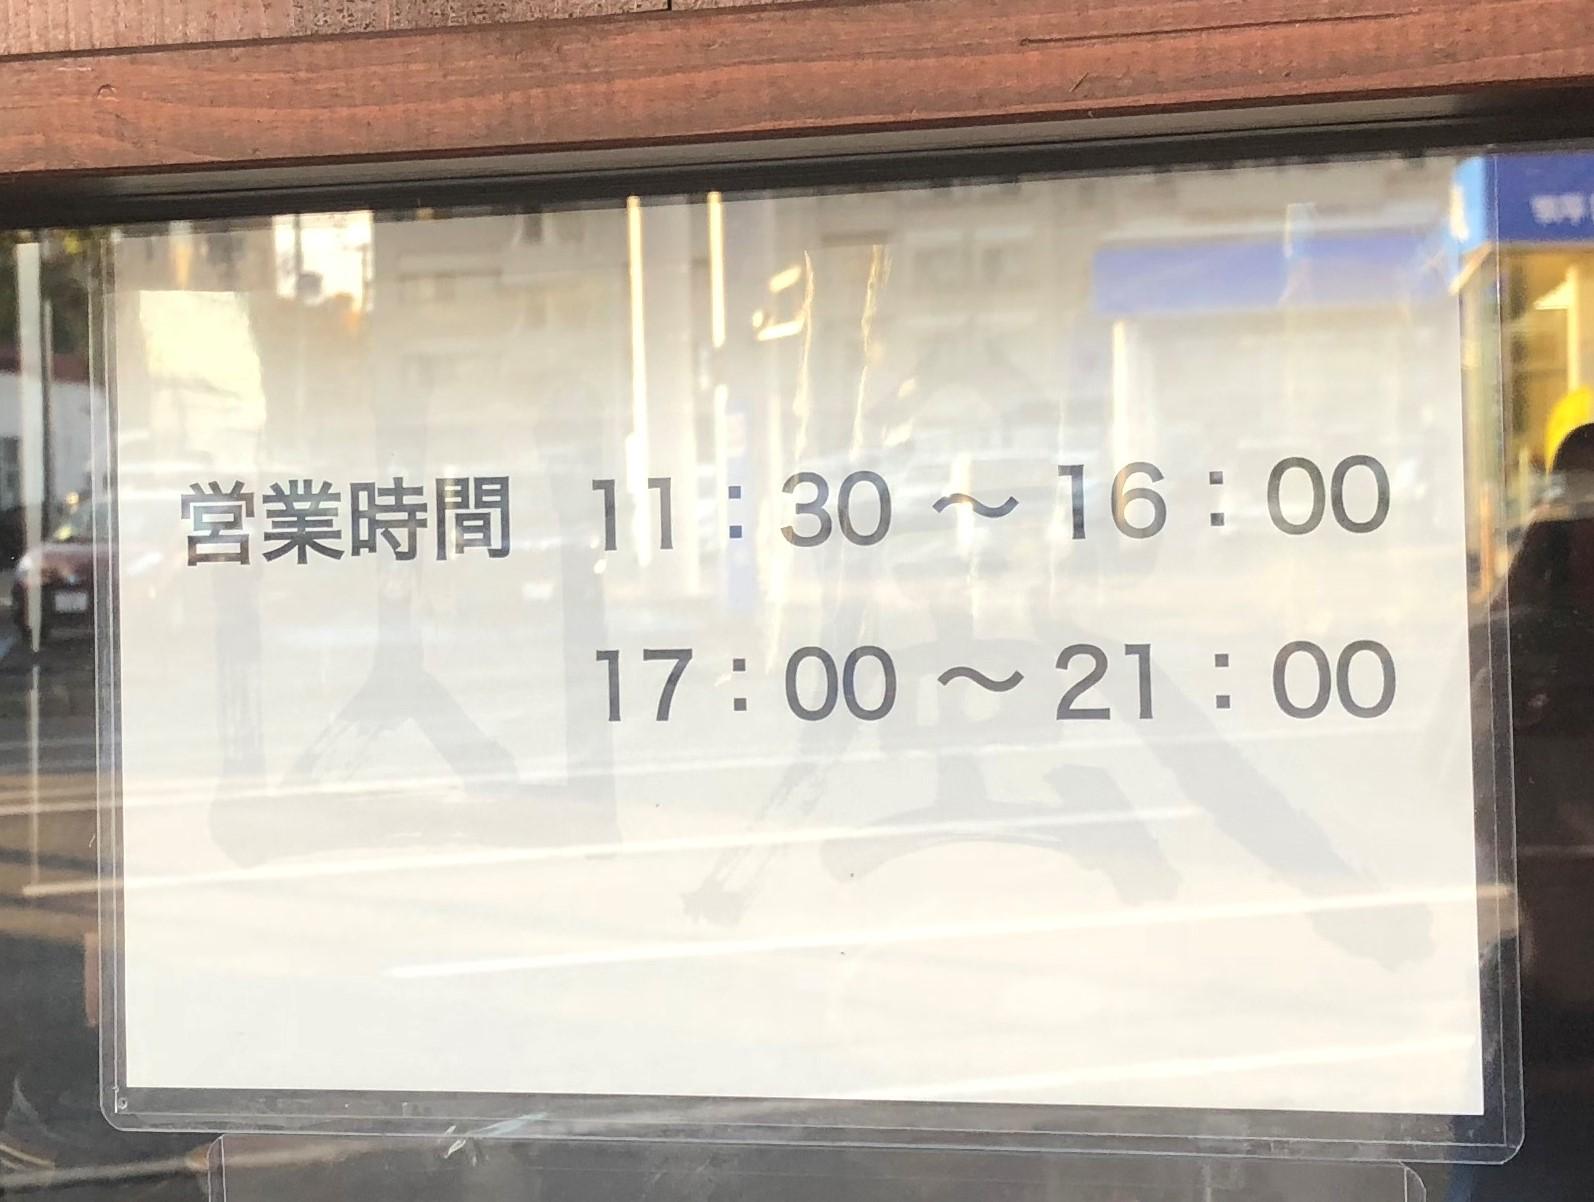 山嵐本店の営業時間の貼り紙